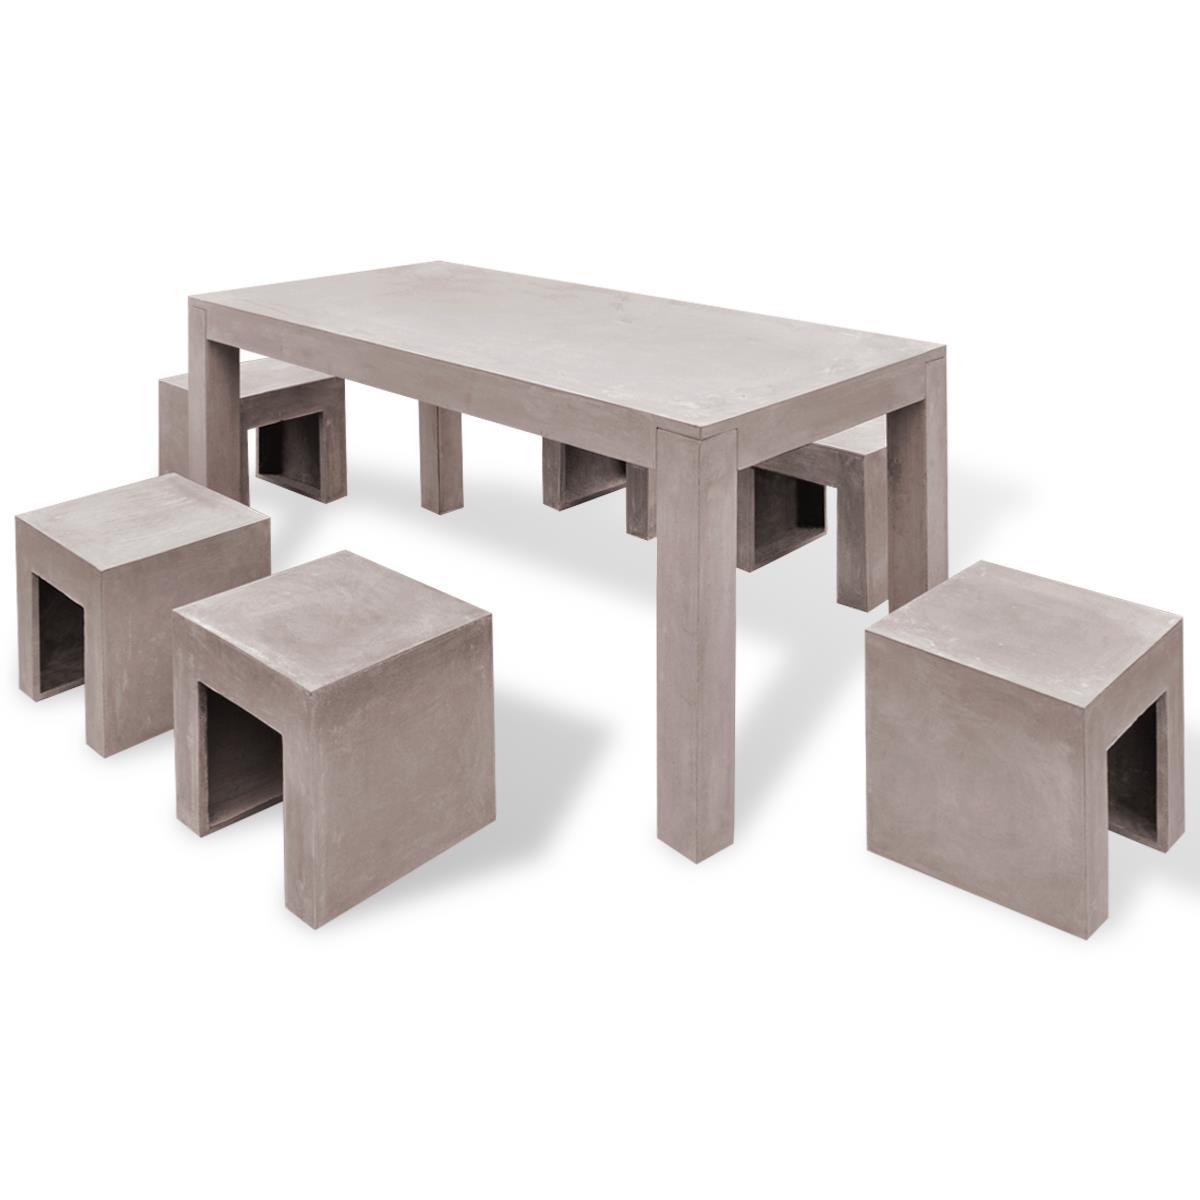 Salon de jardin en b ton complet table avec 6 tabourets for Salon de jardin en beton